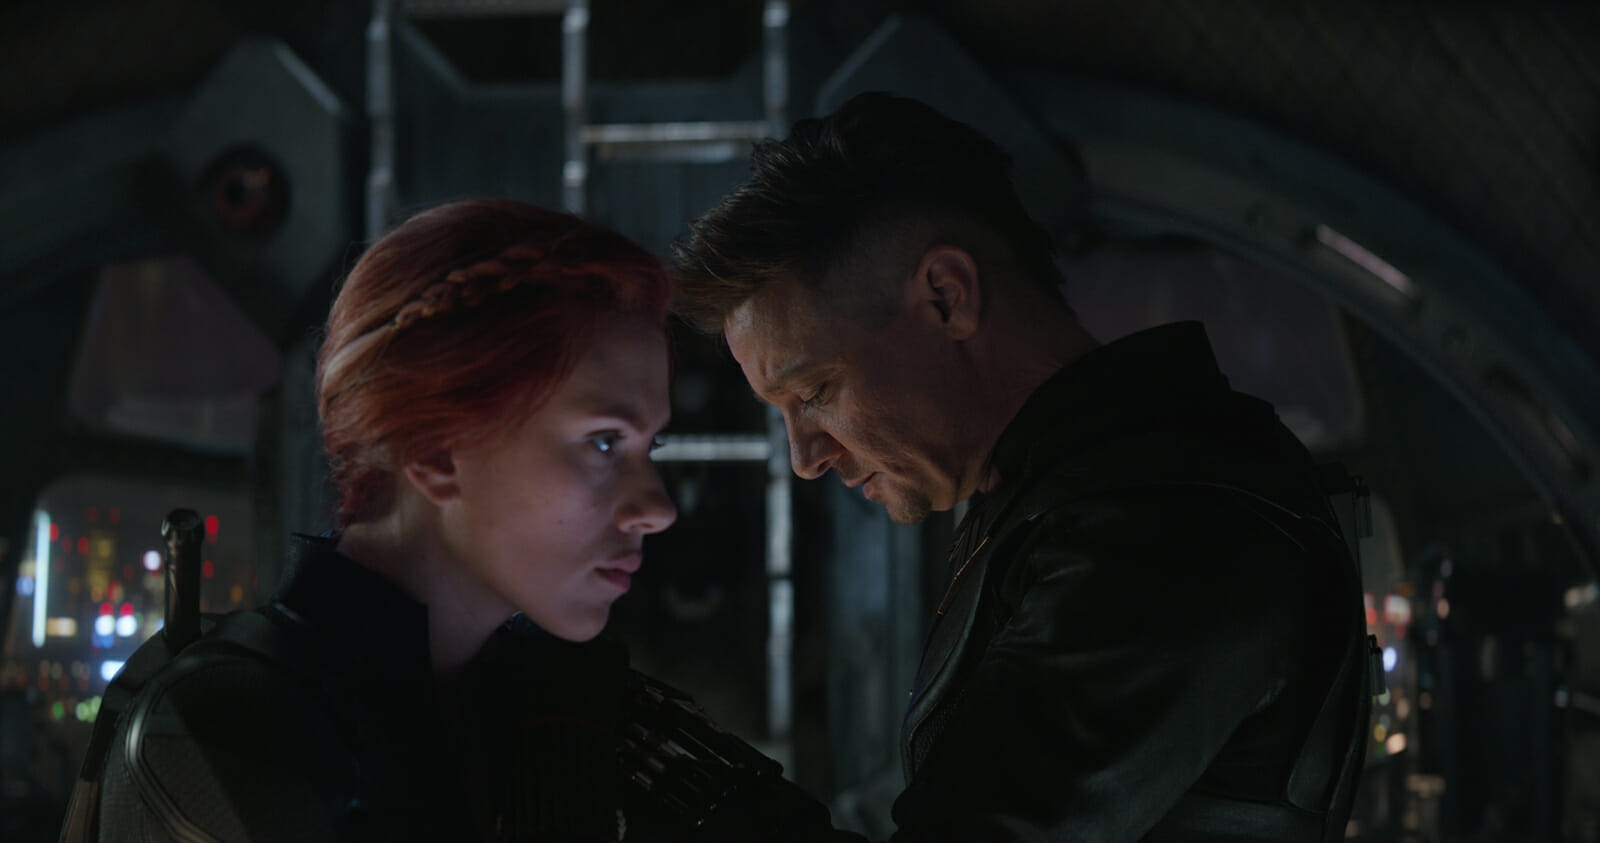 Avengers-Endgame-Renner-Johansson